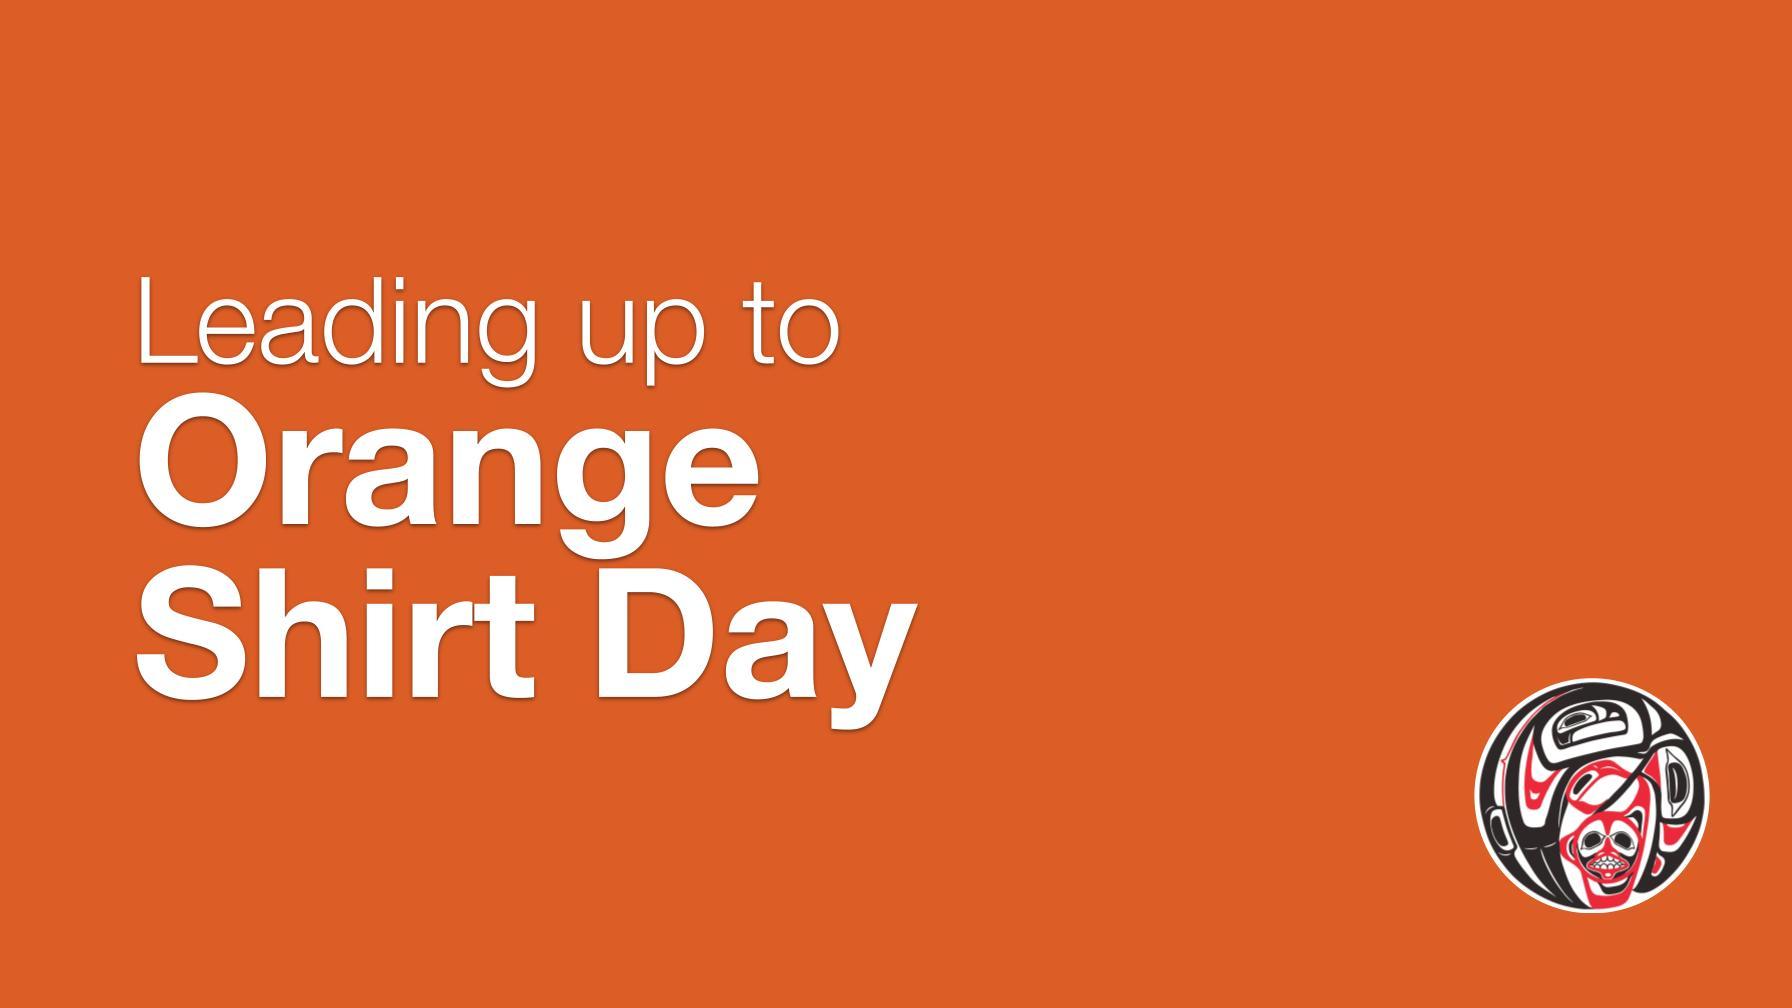 Leading_Up_Orange_Shirt_Day21